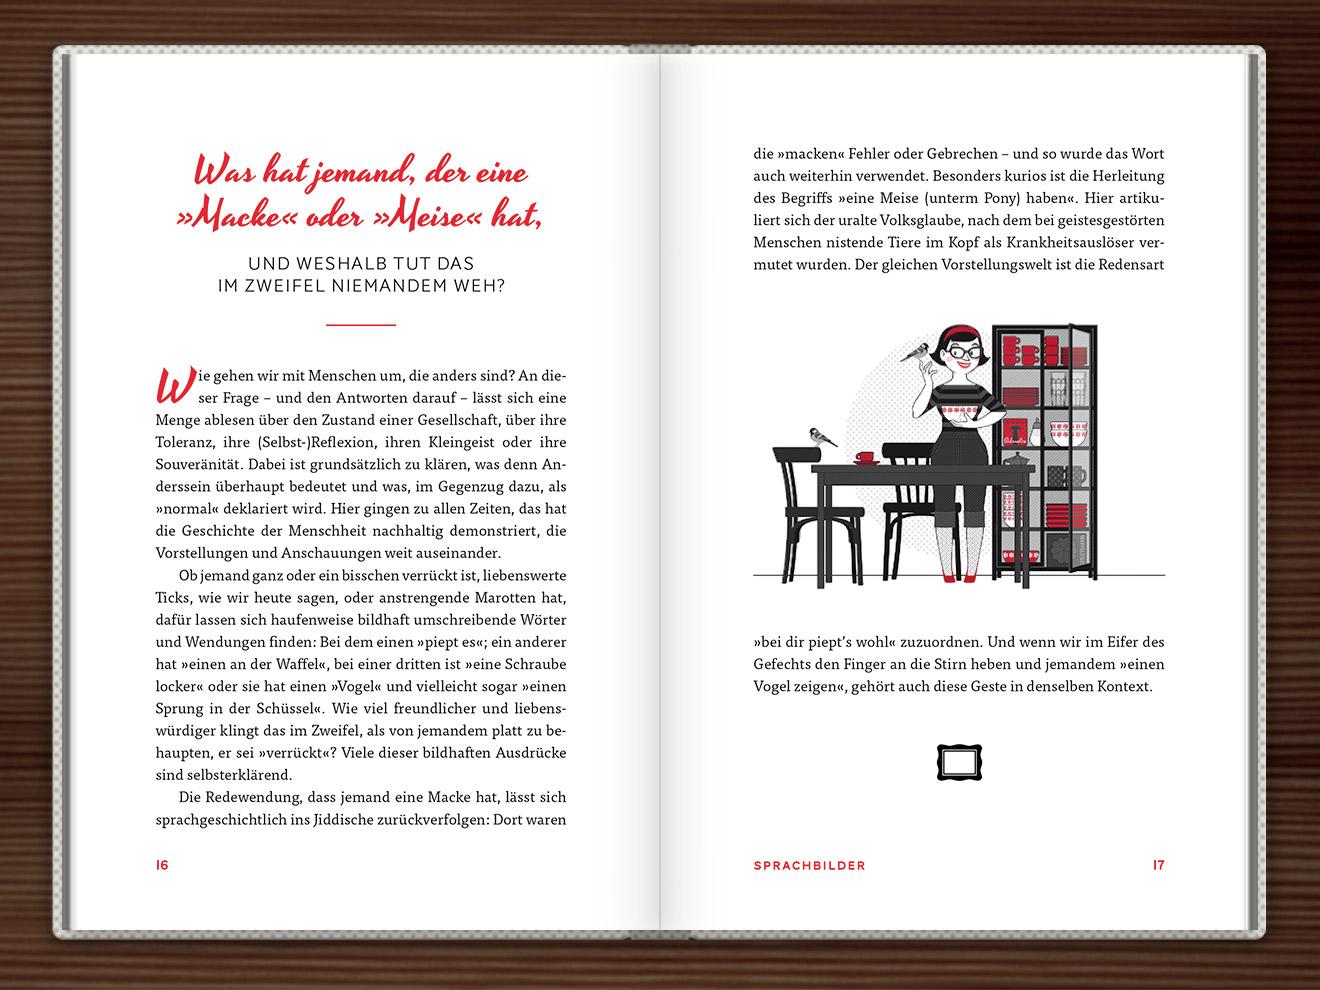 Du hast eine Meise im Buch Du hast das Wort, Schätzchen! 100 charmante Geschichten rund um die Sprache im Duden Verlag von Rita Mielke mit Illustrationen im Sixties-Stil von Iris Luckhaus